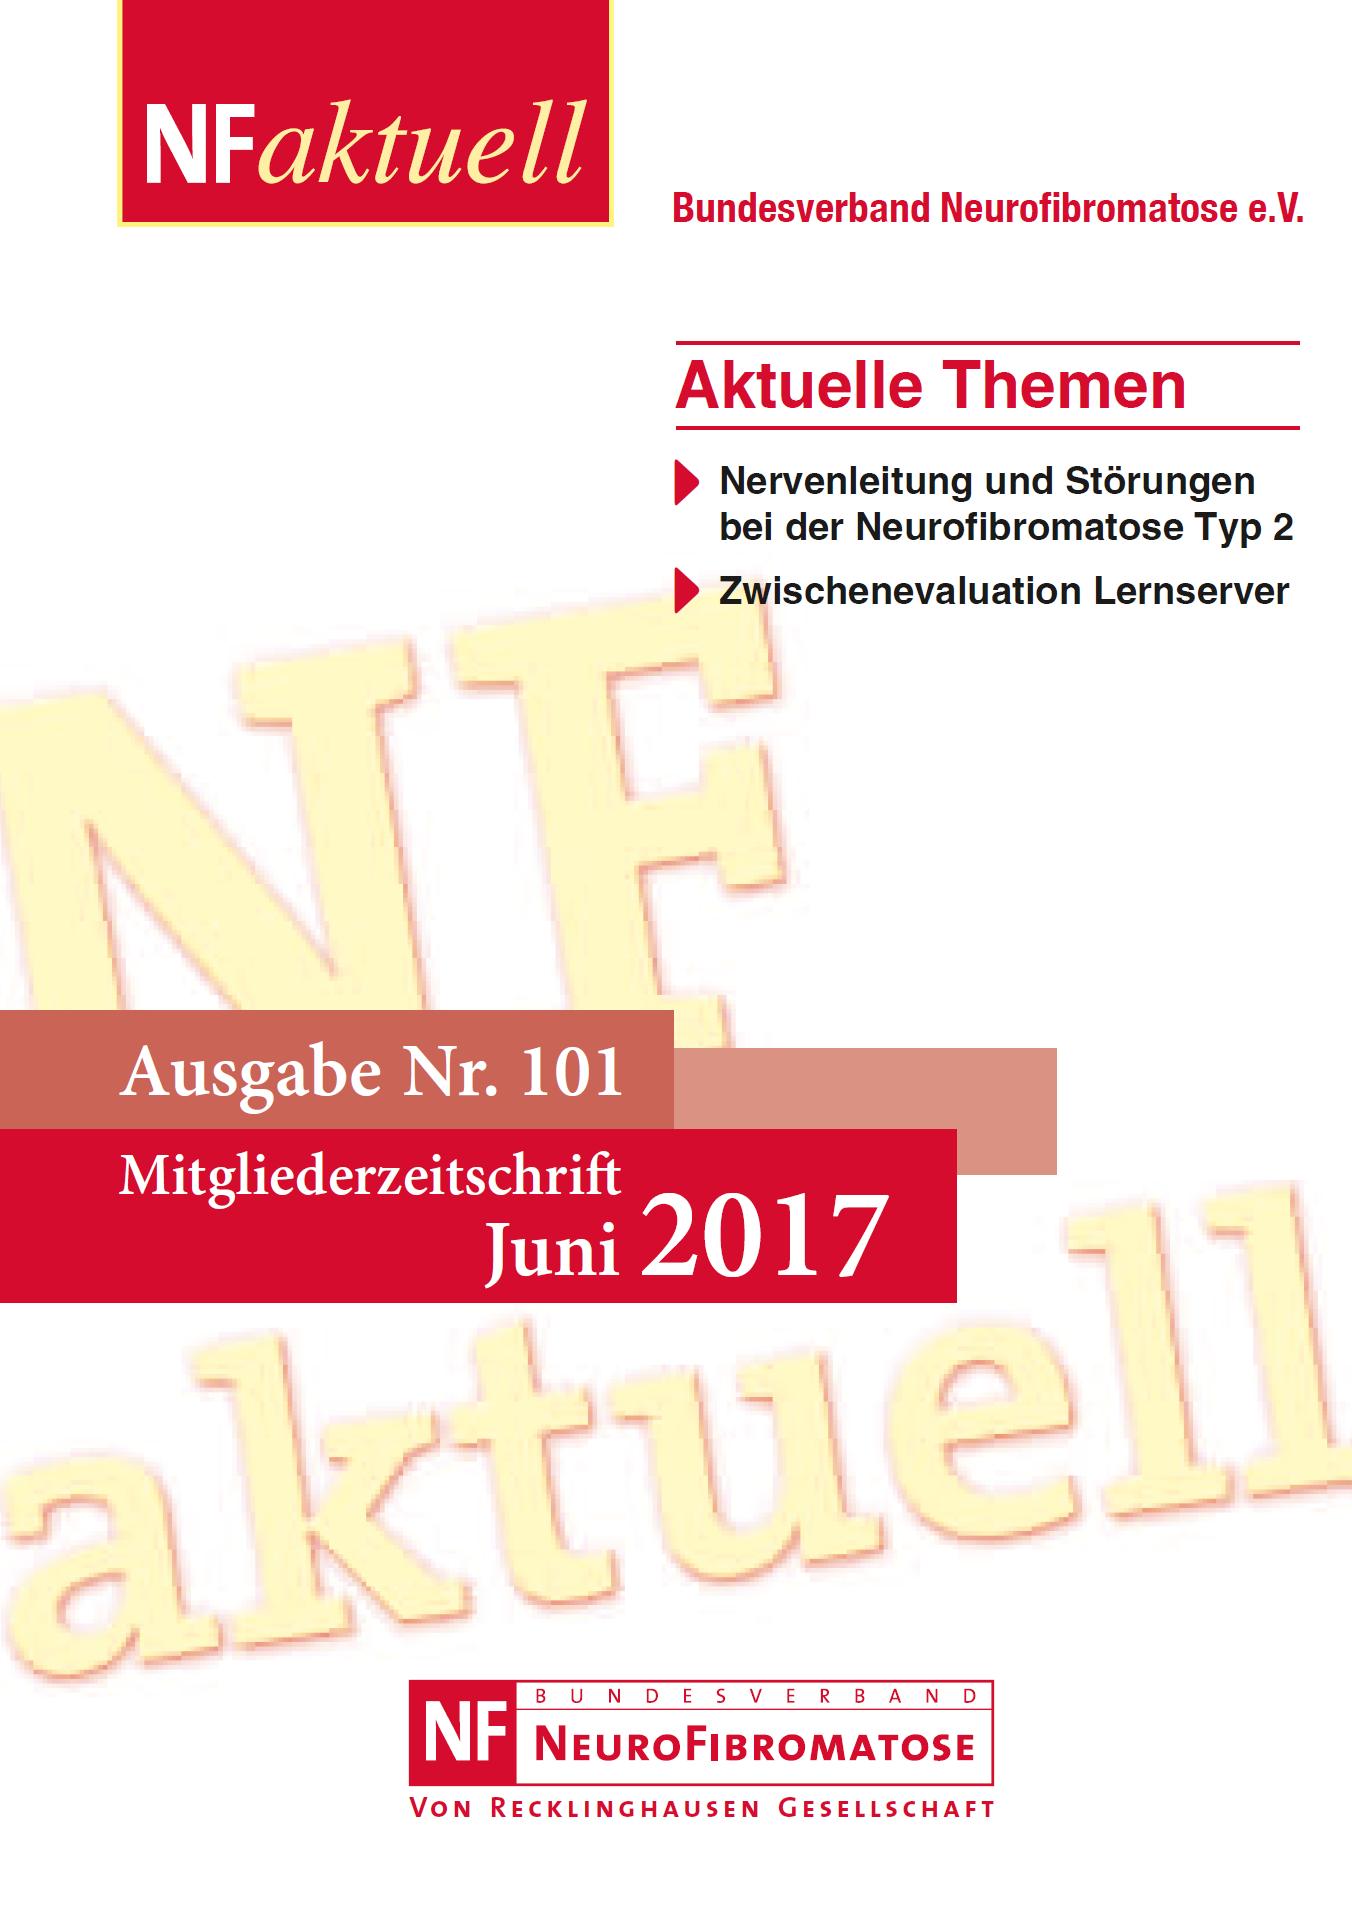 NFaktuell-101-juni-2017-titel